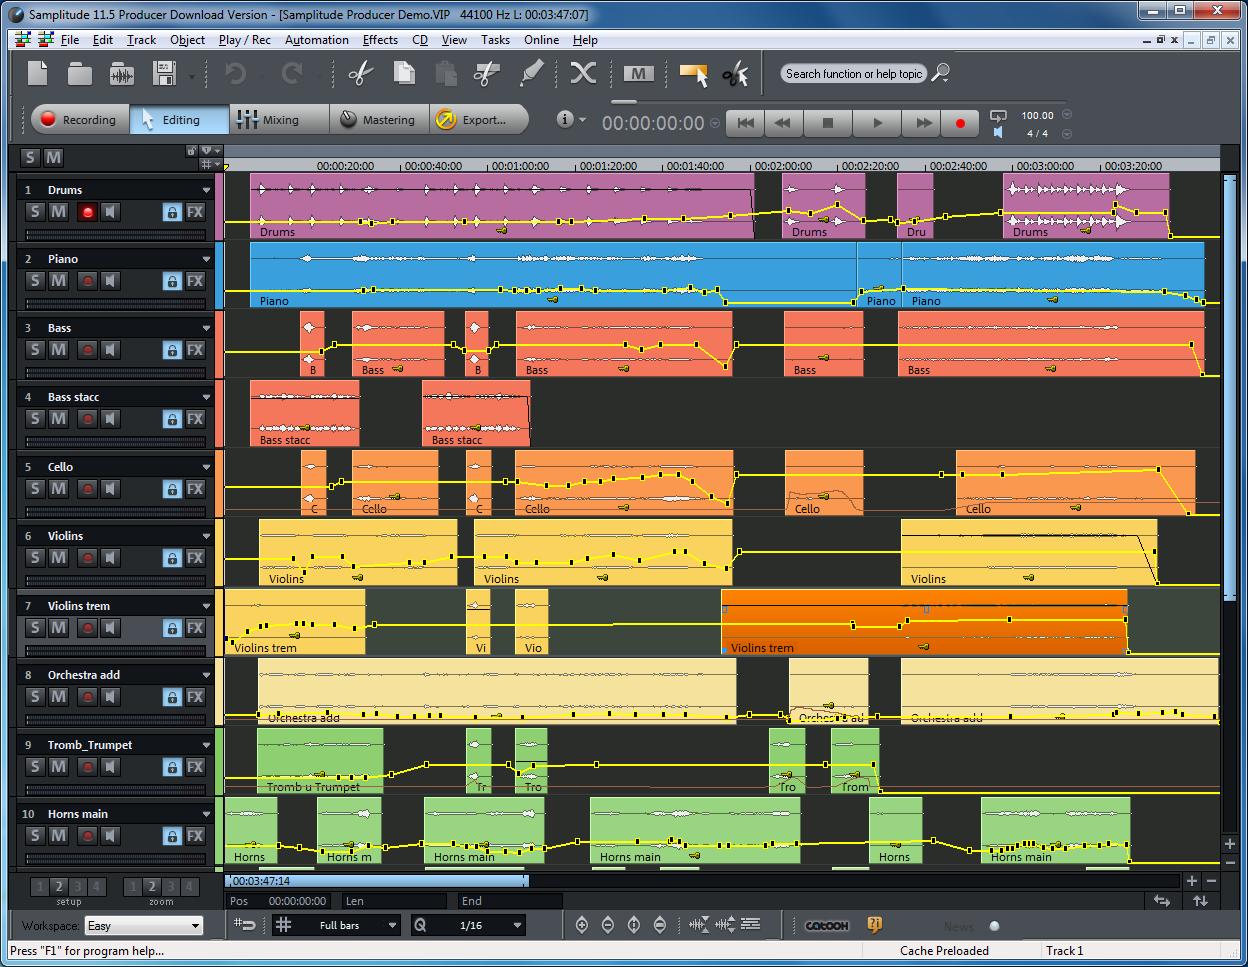 Fileforum software store magix samplitude 11. 5 producer 10.